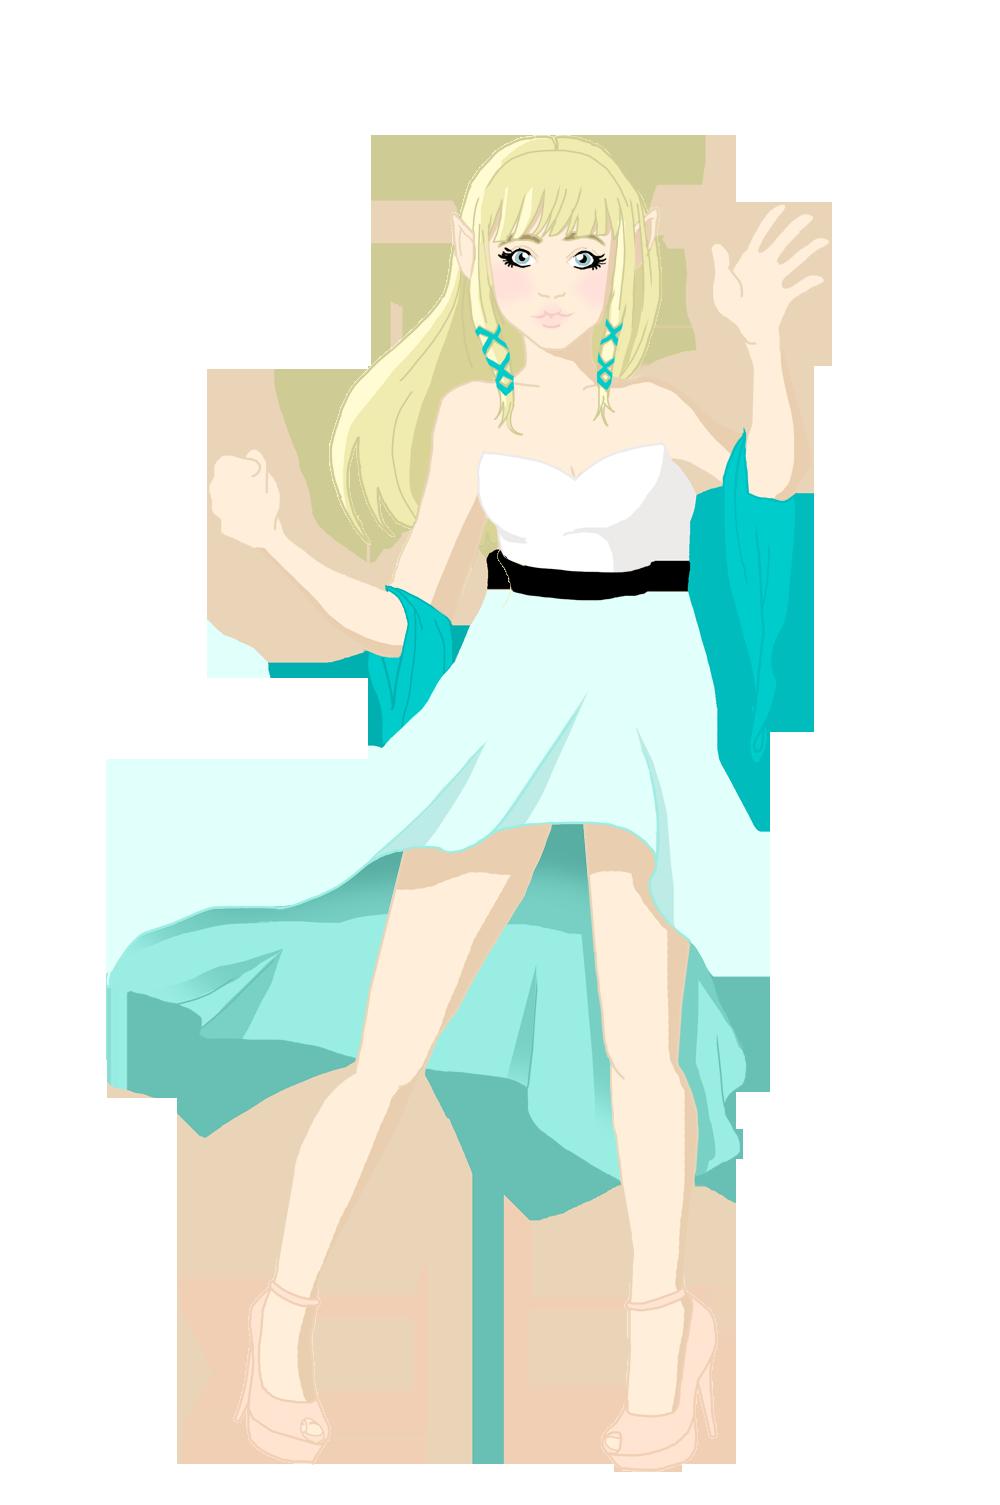 Zelda, from Skyward Sword